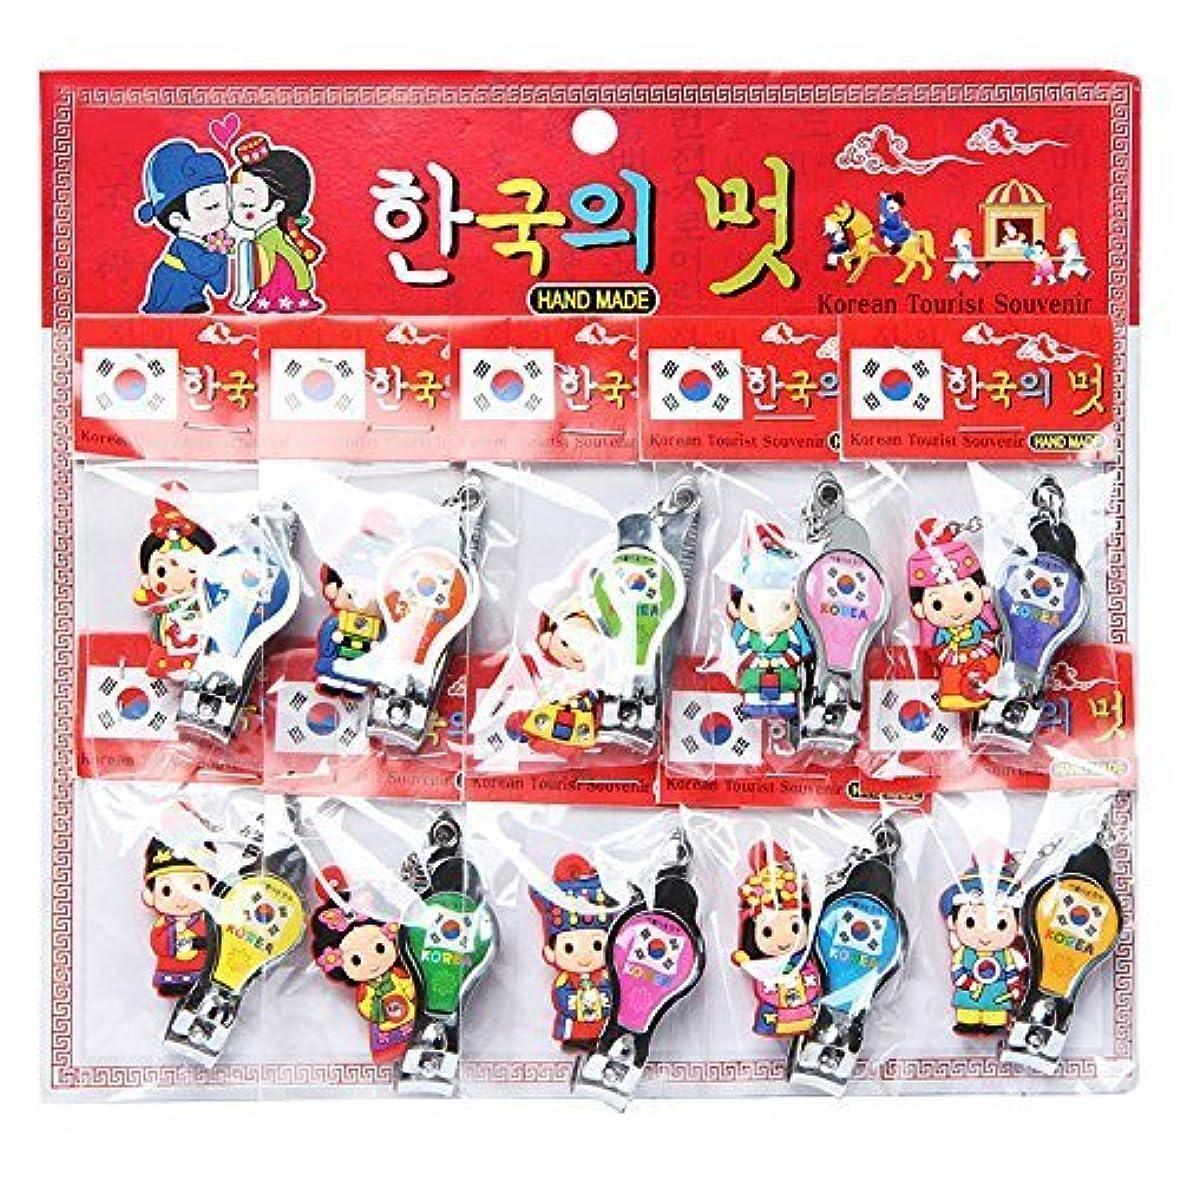 無線焼く色KOREA style Nail clippers / 韓国のお土産ギフト [並行輸入品]